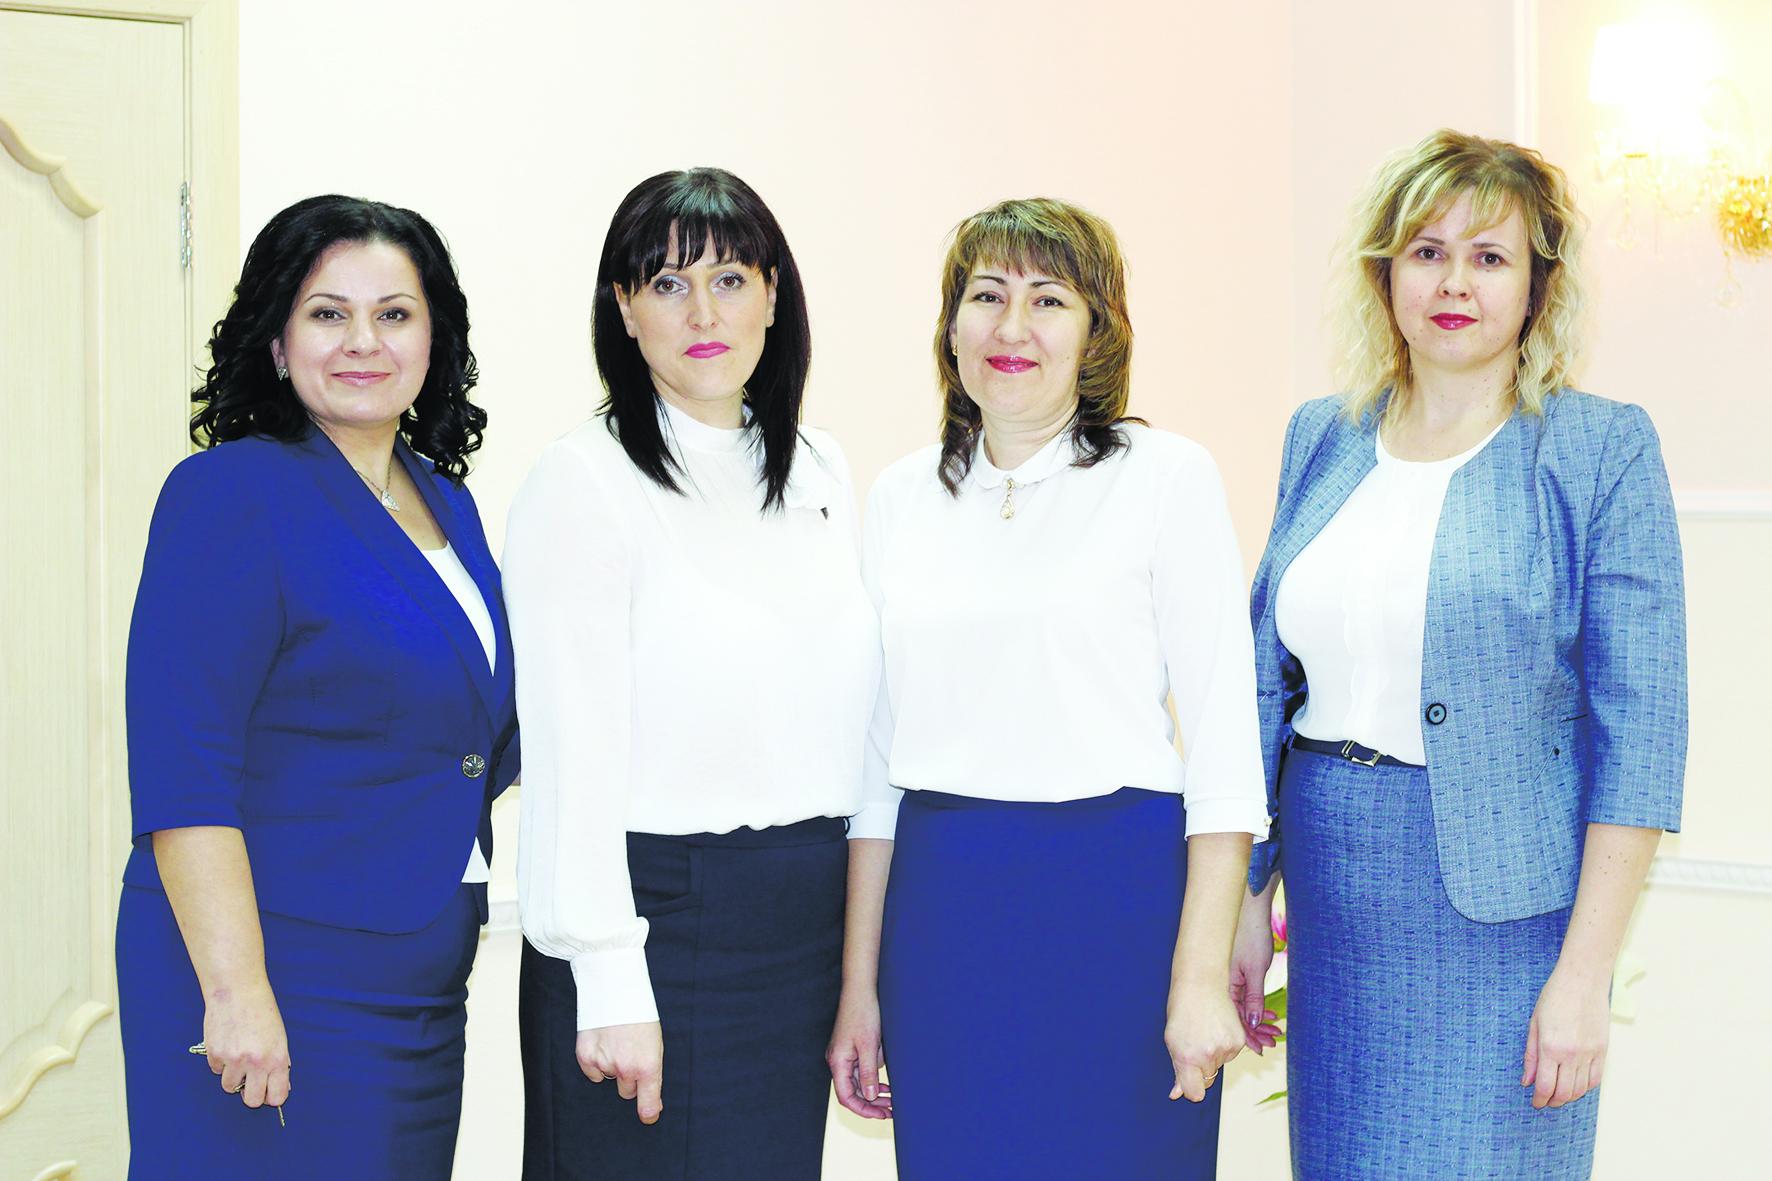 Работники органов ЗАГС Абинского района отмечают свой профессиональный праздник.